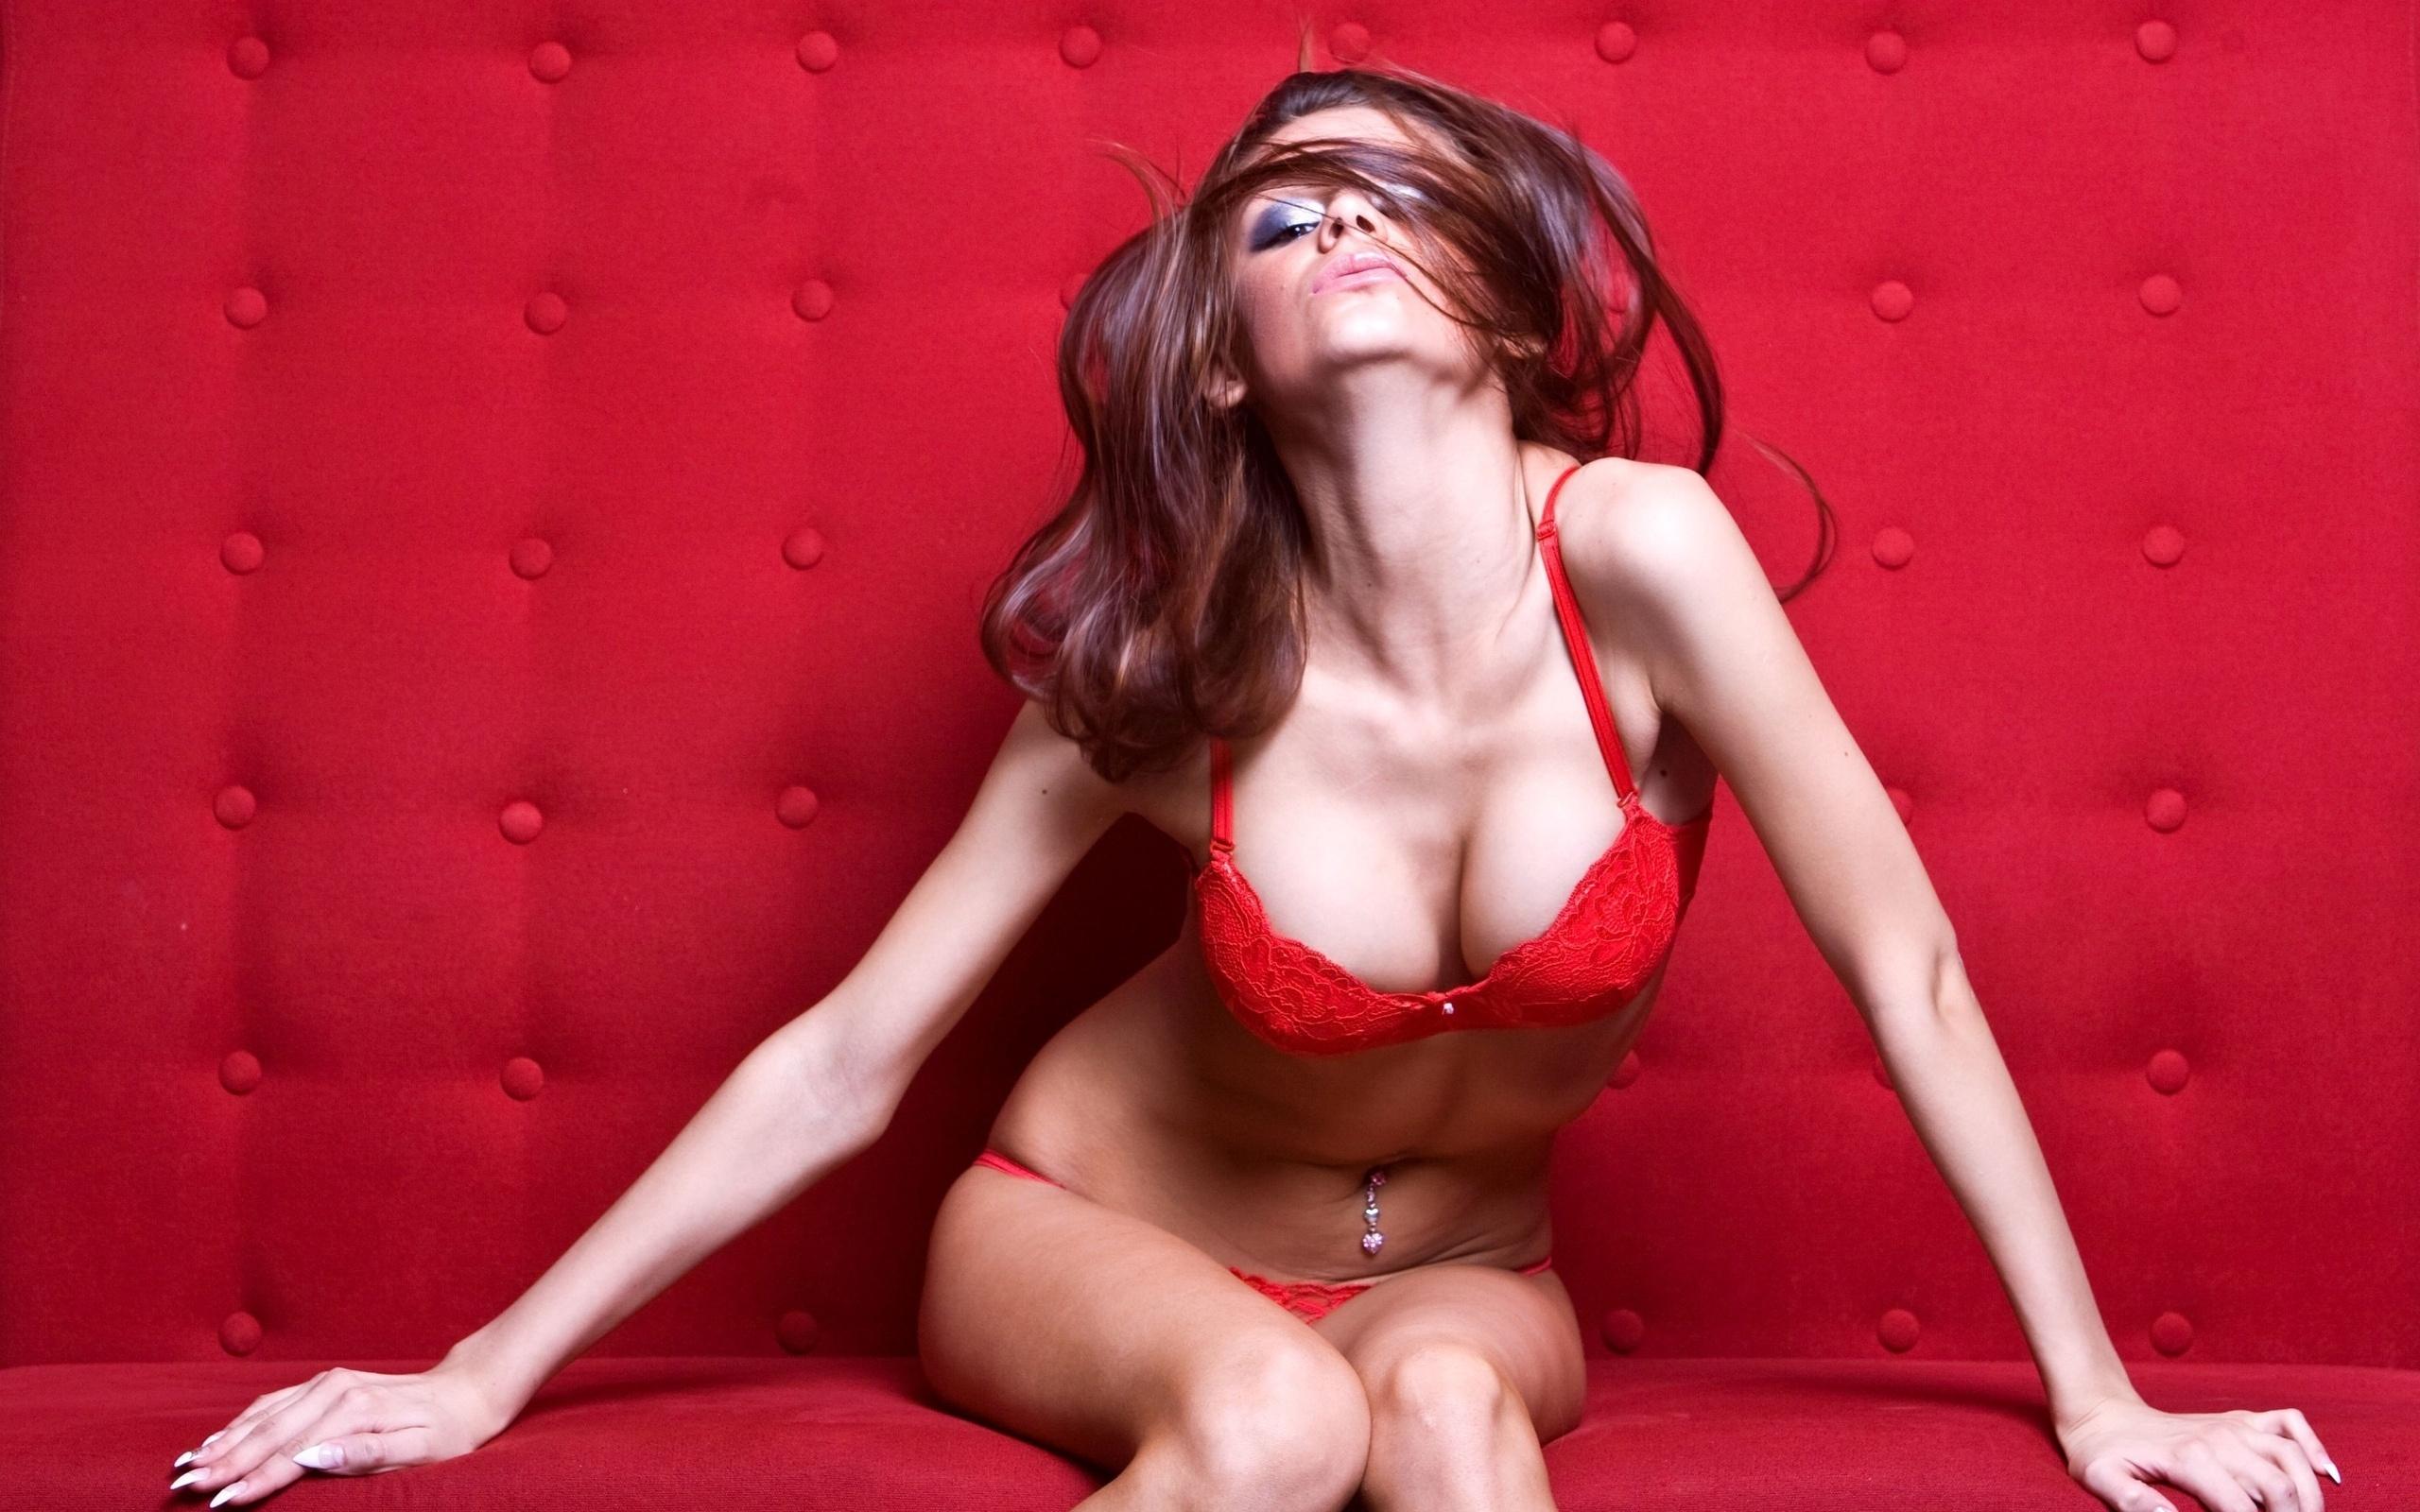 Сексуальная девушка в красном абсолютно